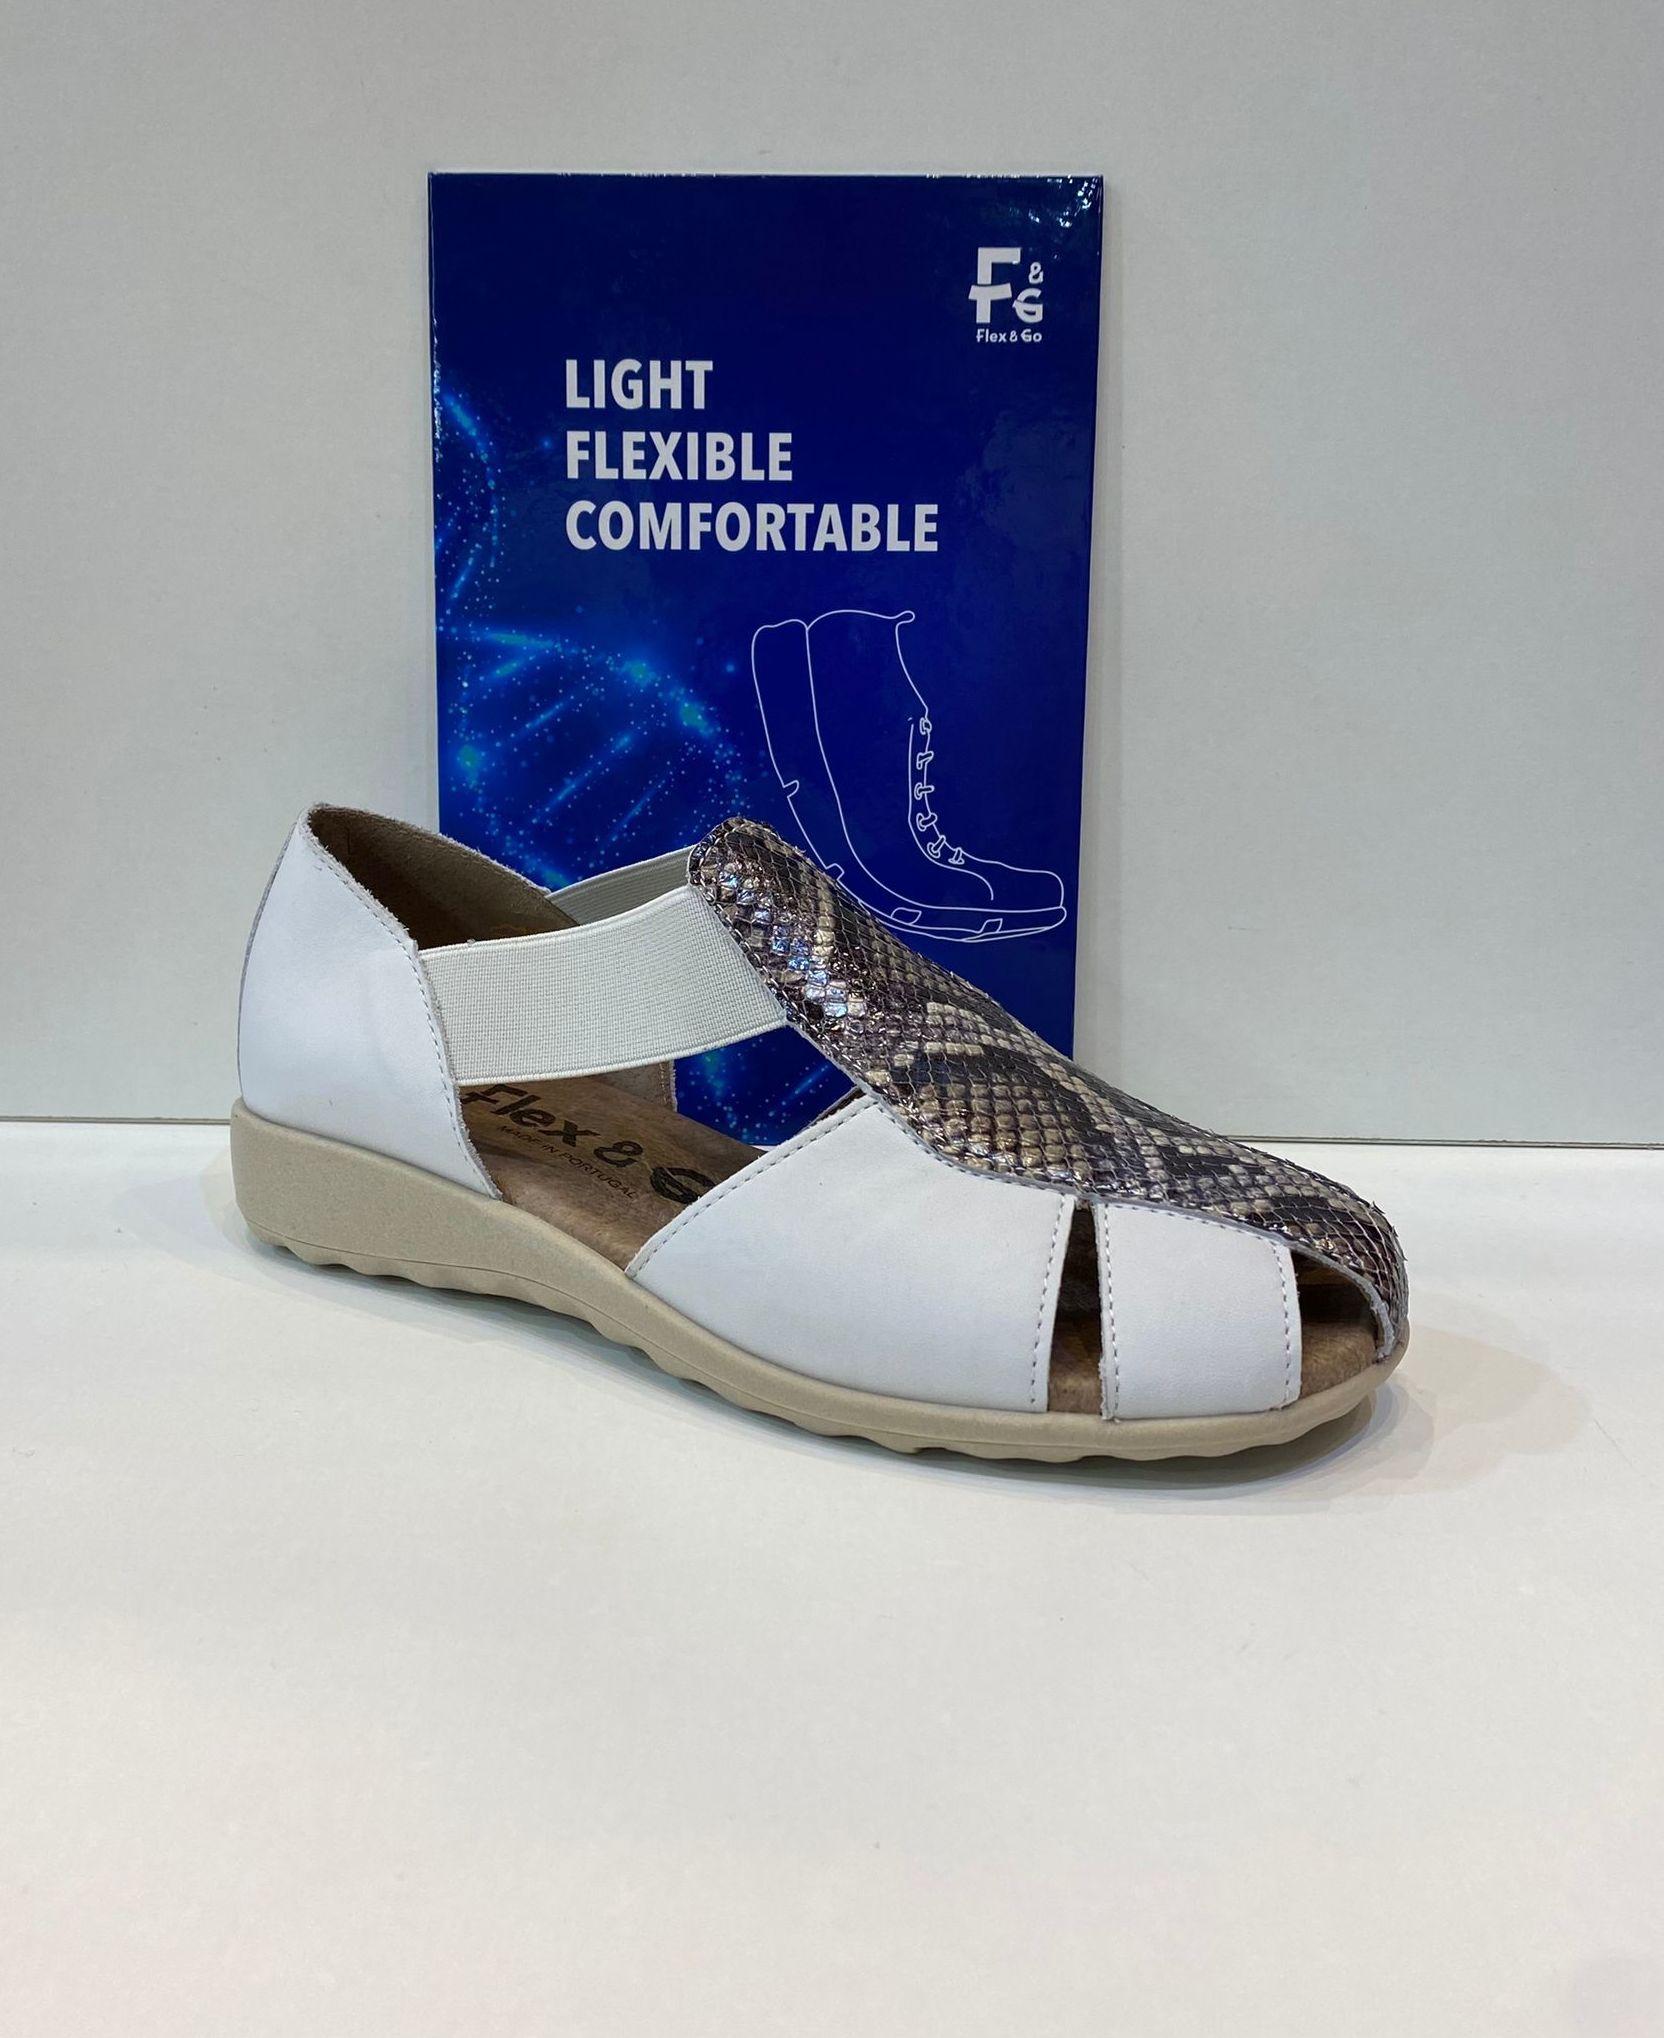 Sandàlia tapada de dona, de la marca Flex&Go, ample especial, plantilla de làtex i sola lleugera i molt flexible, extremadament còmodes 60€